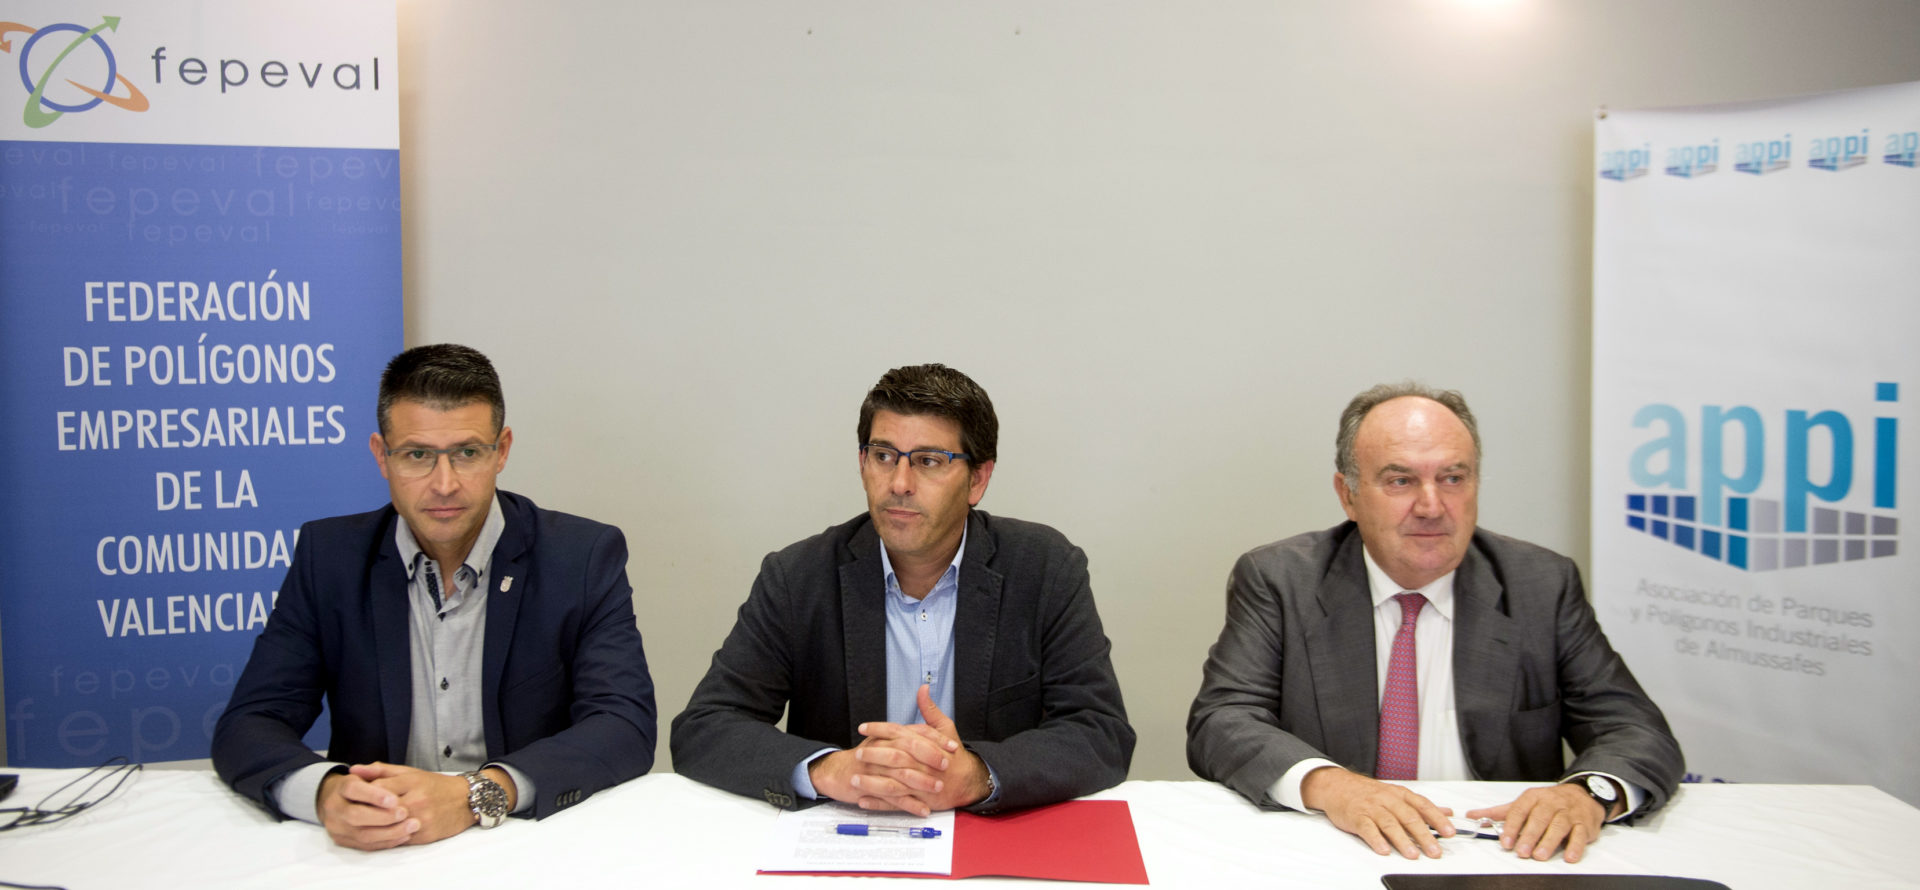 El President de la Diputació de València Jorge Rodríguez asiste a la junta directiva de FEPEVAL celebrada en APPI (Almussafes).